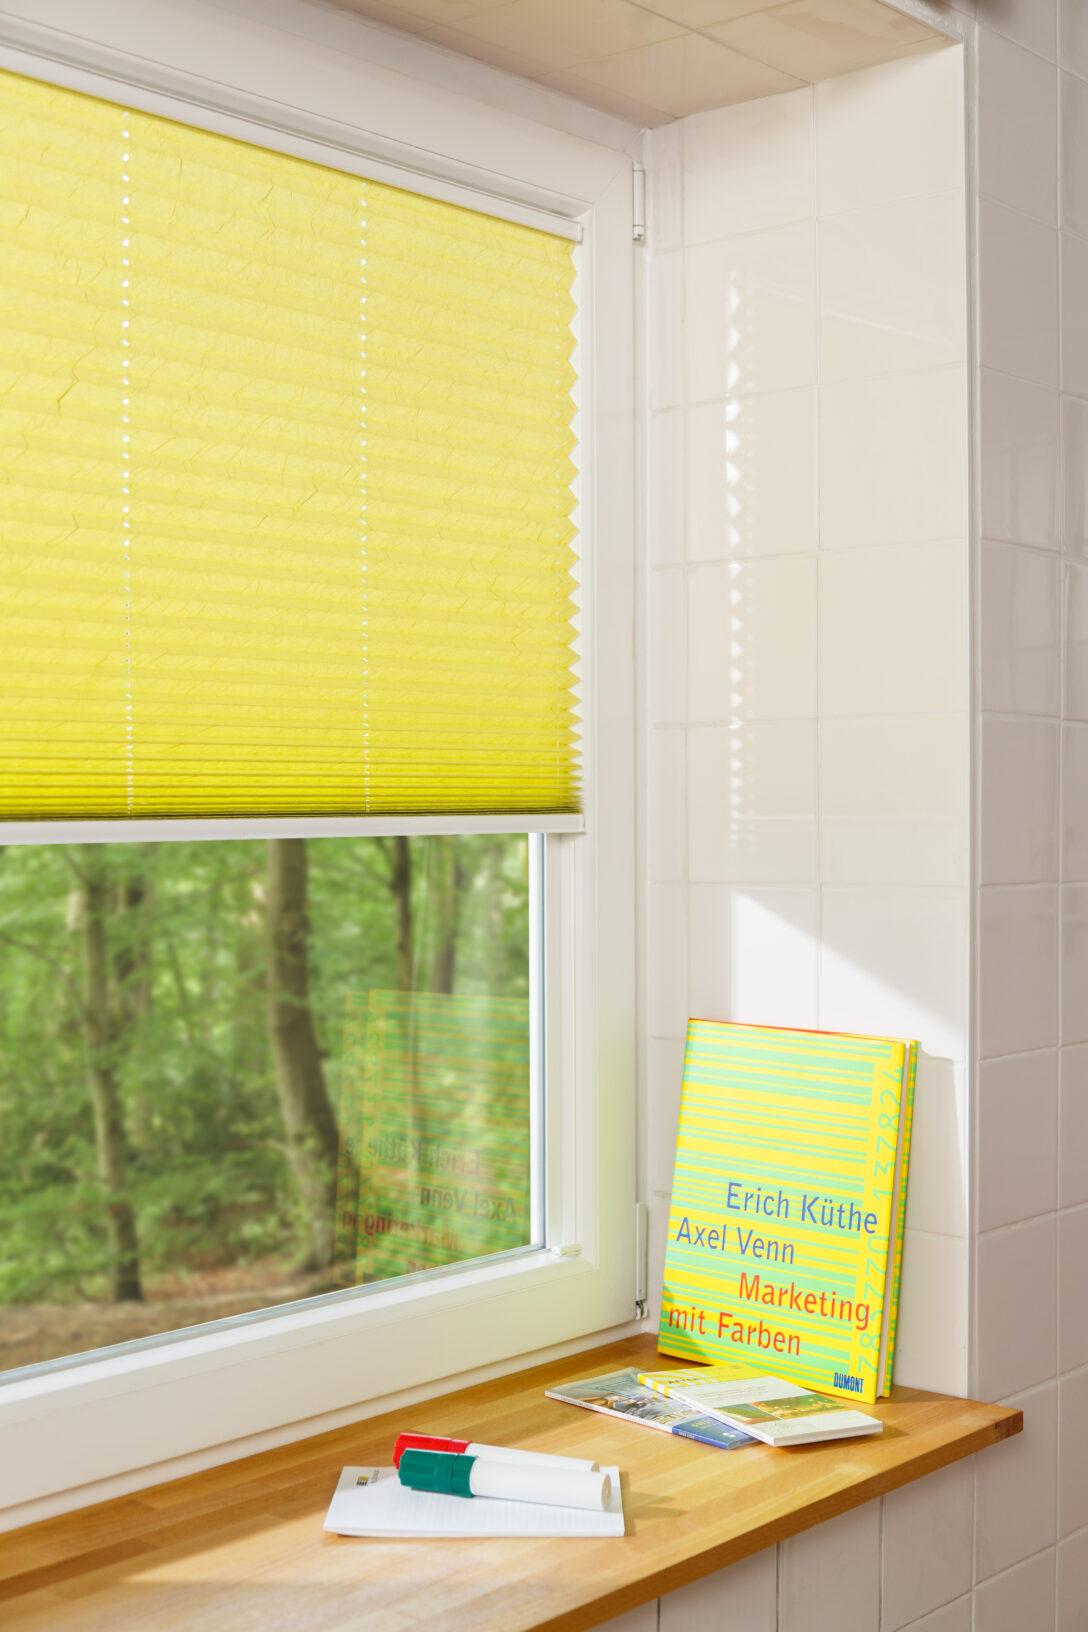 Large Size of Preis Insektenschutz In Perkam Fenster Plissee Regal Kinderzimmer Weiß Sofa Regale Kinderzimmer Plissee Kinderzimmer